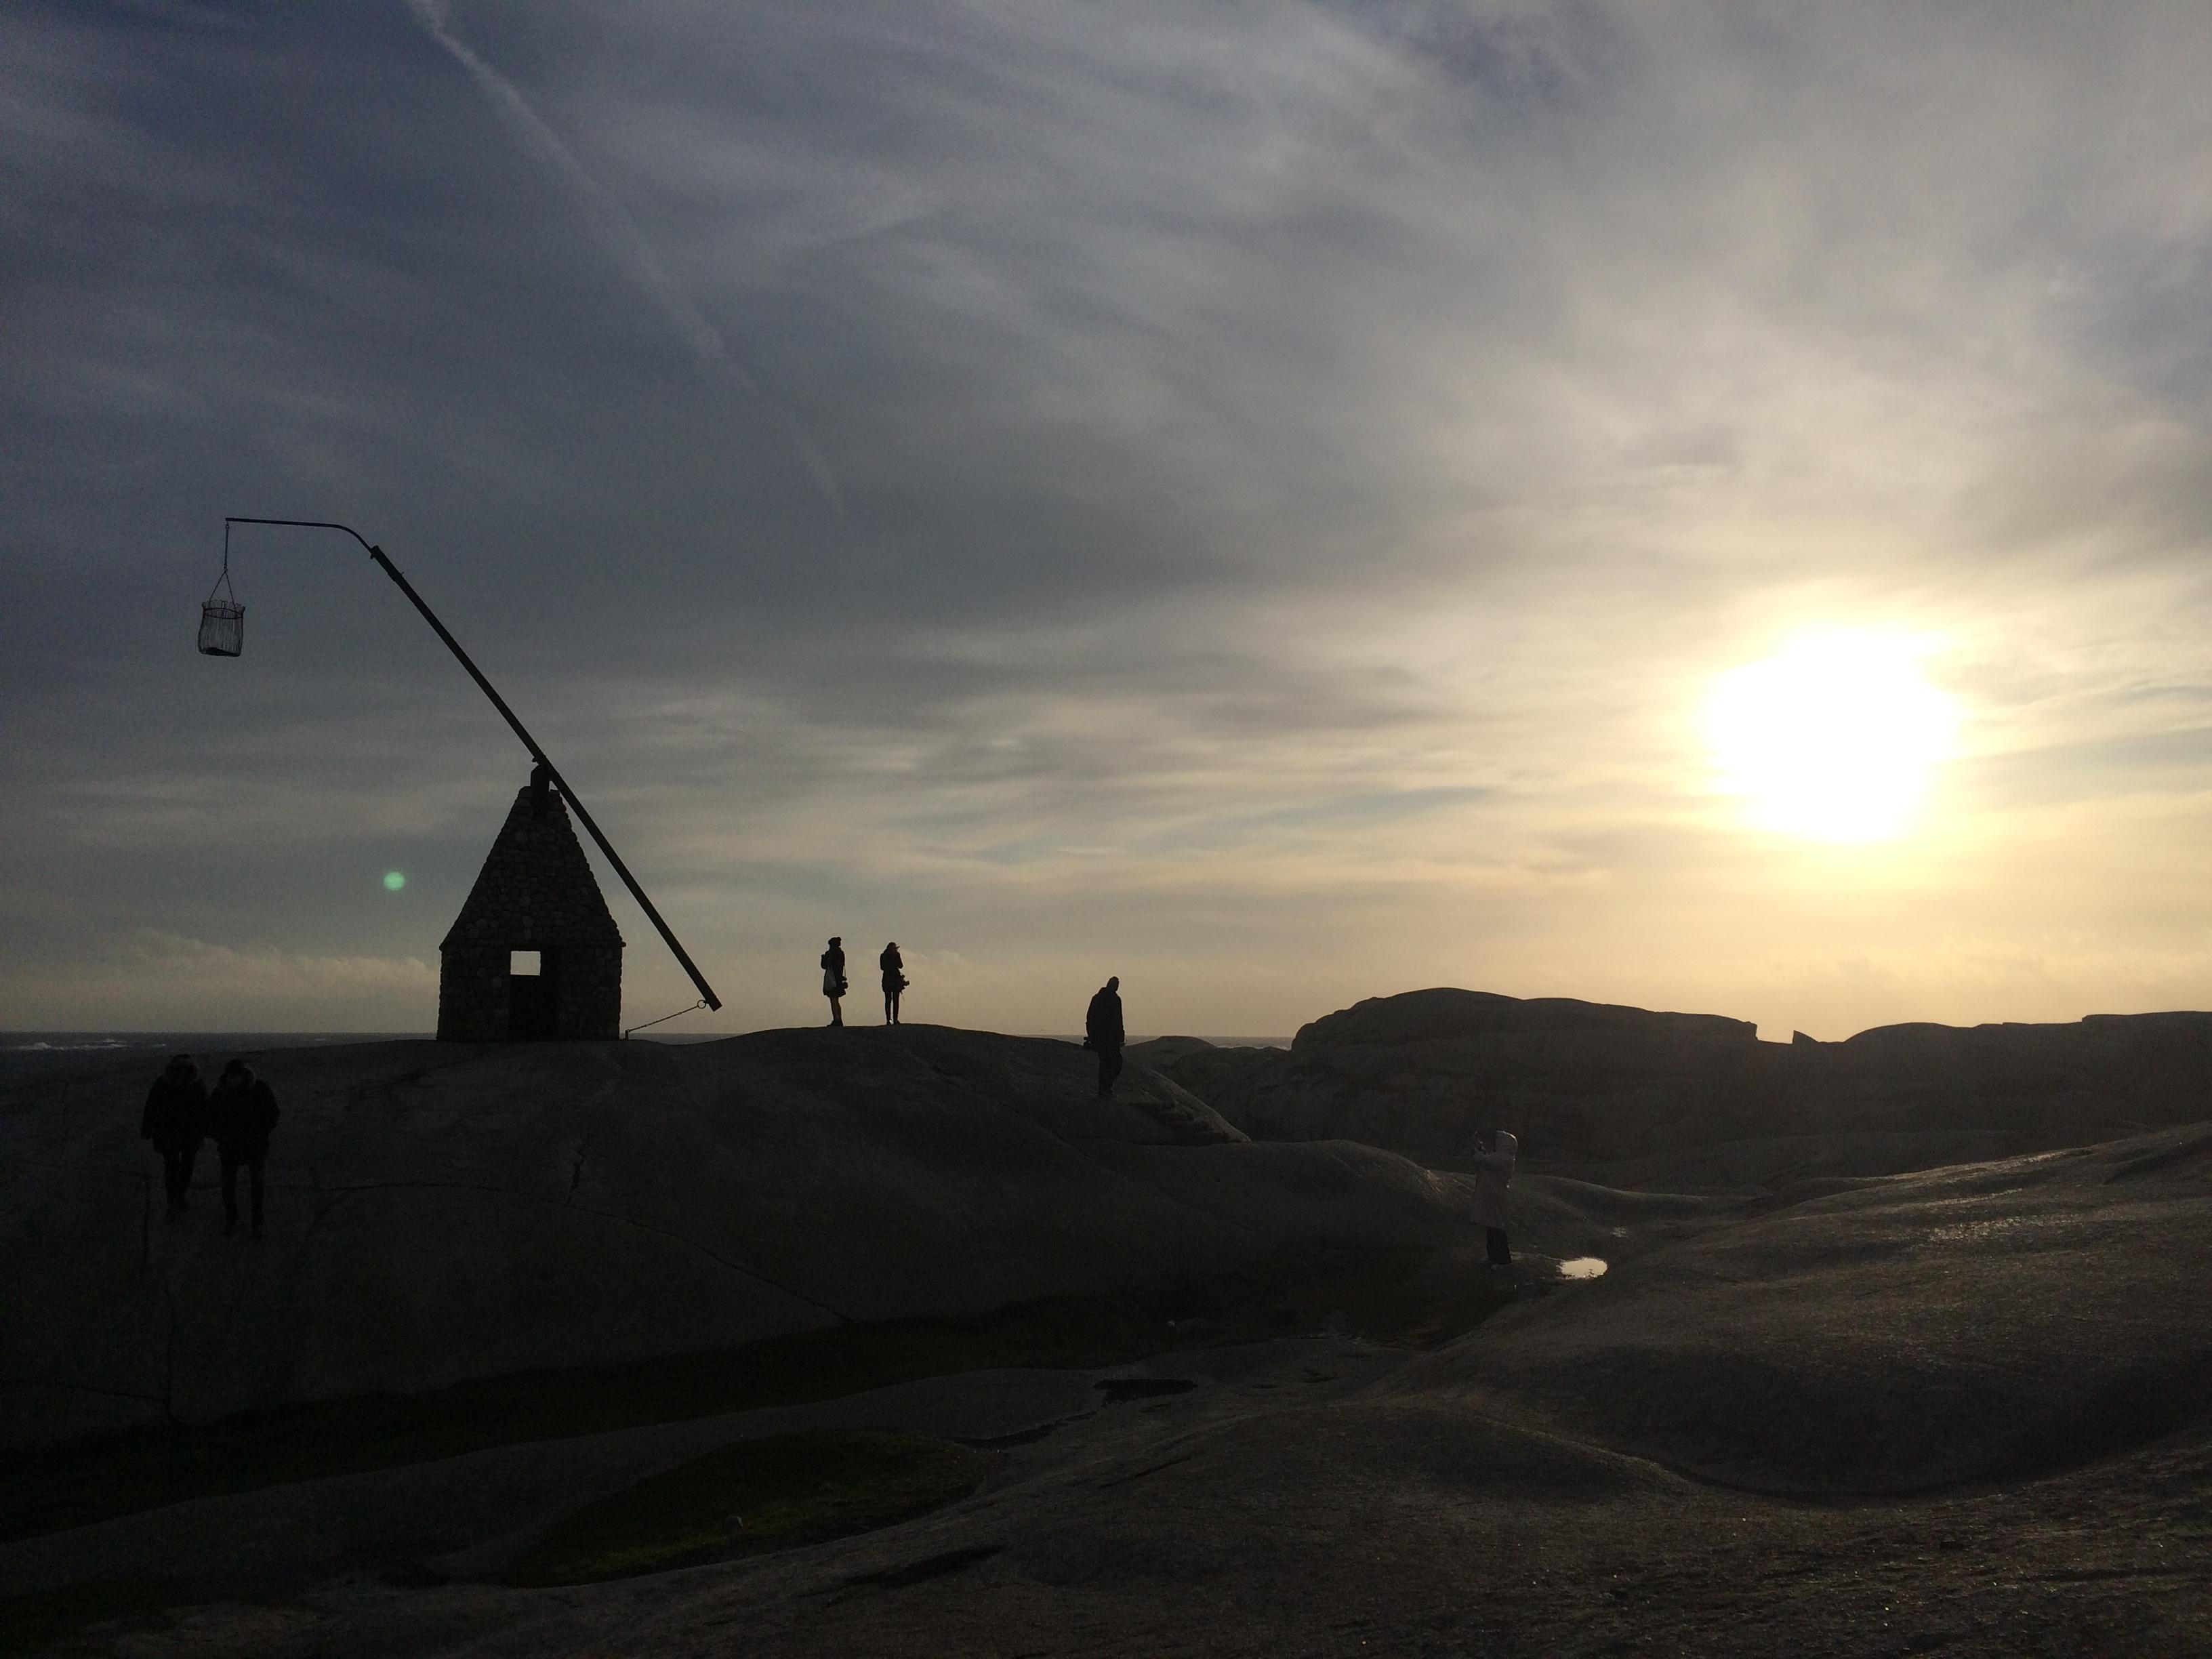 Verdens Ende ligger længst mod syd på øen Tjøme. Friluftsområdet har en storslået udsigt mod Skagerak og flotte bade- og fiskemuligheder.